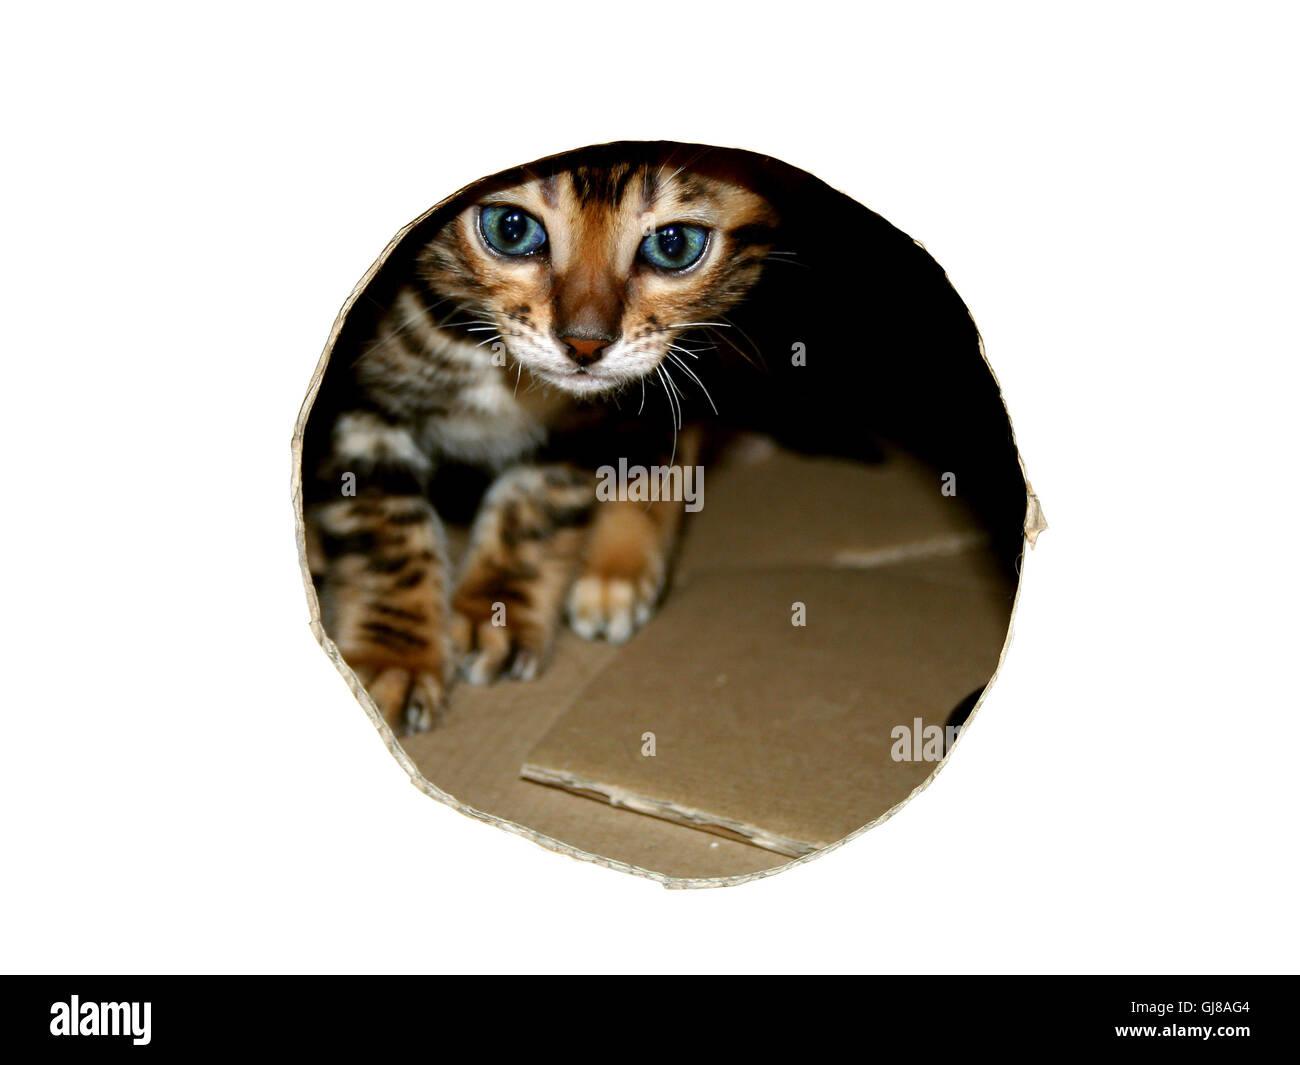 Gato de Bengala gatito cabeza peeking a través de mirar el agujero de la caja de cartón en blanco Foto de stock